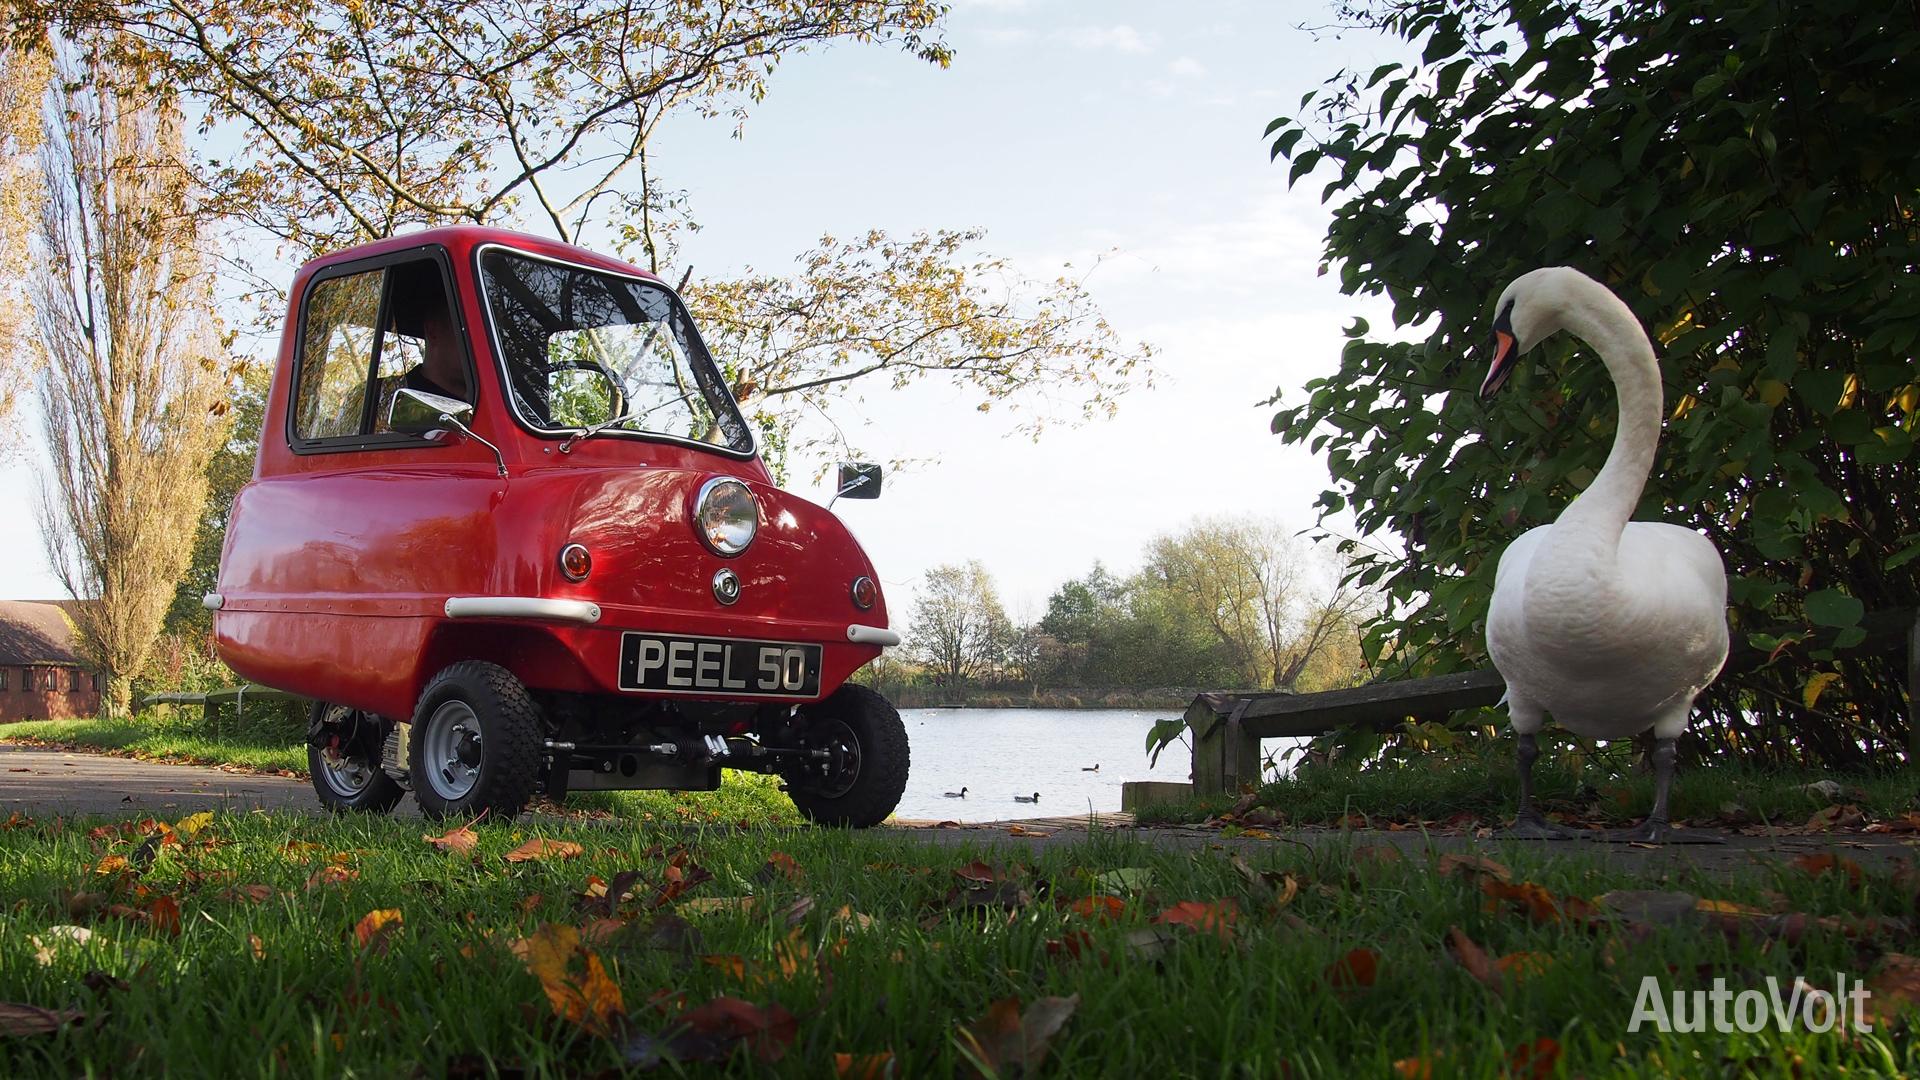 Peel P50 Electric Photo